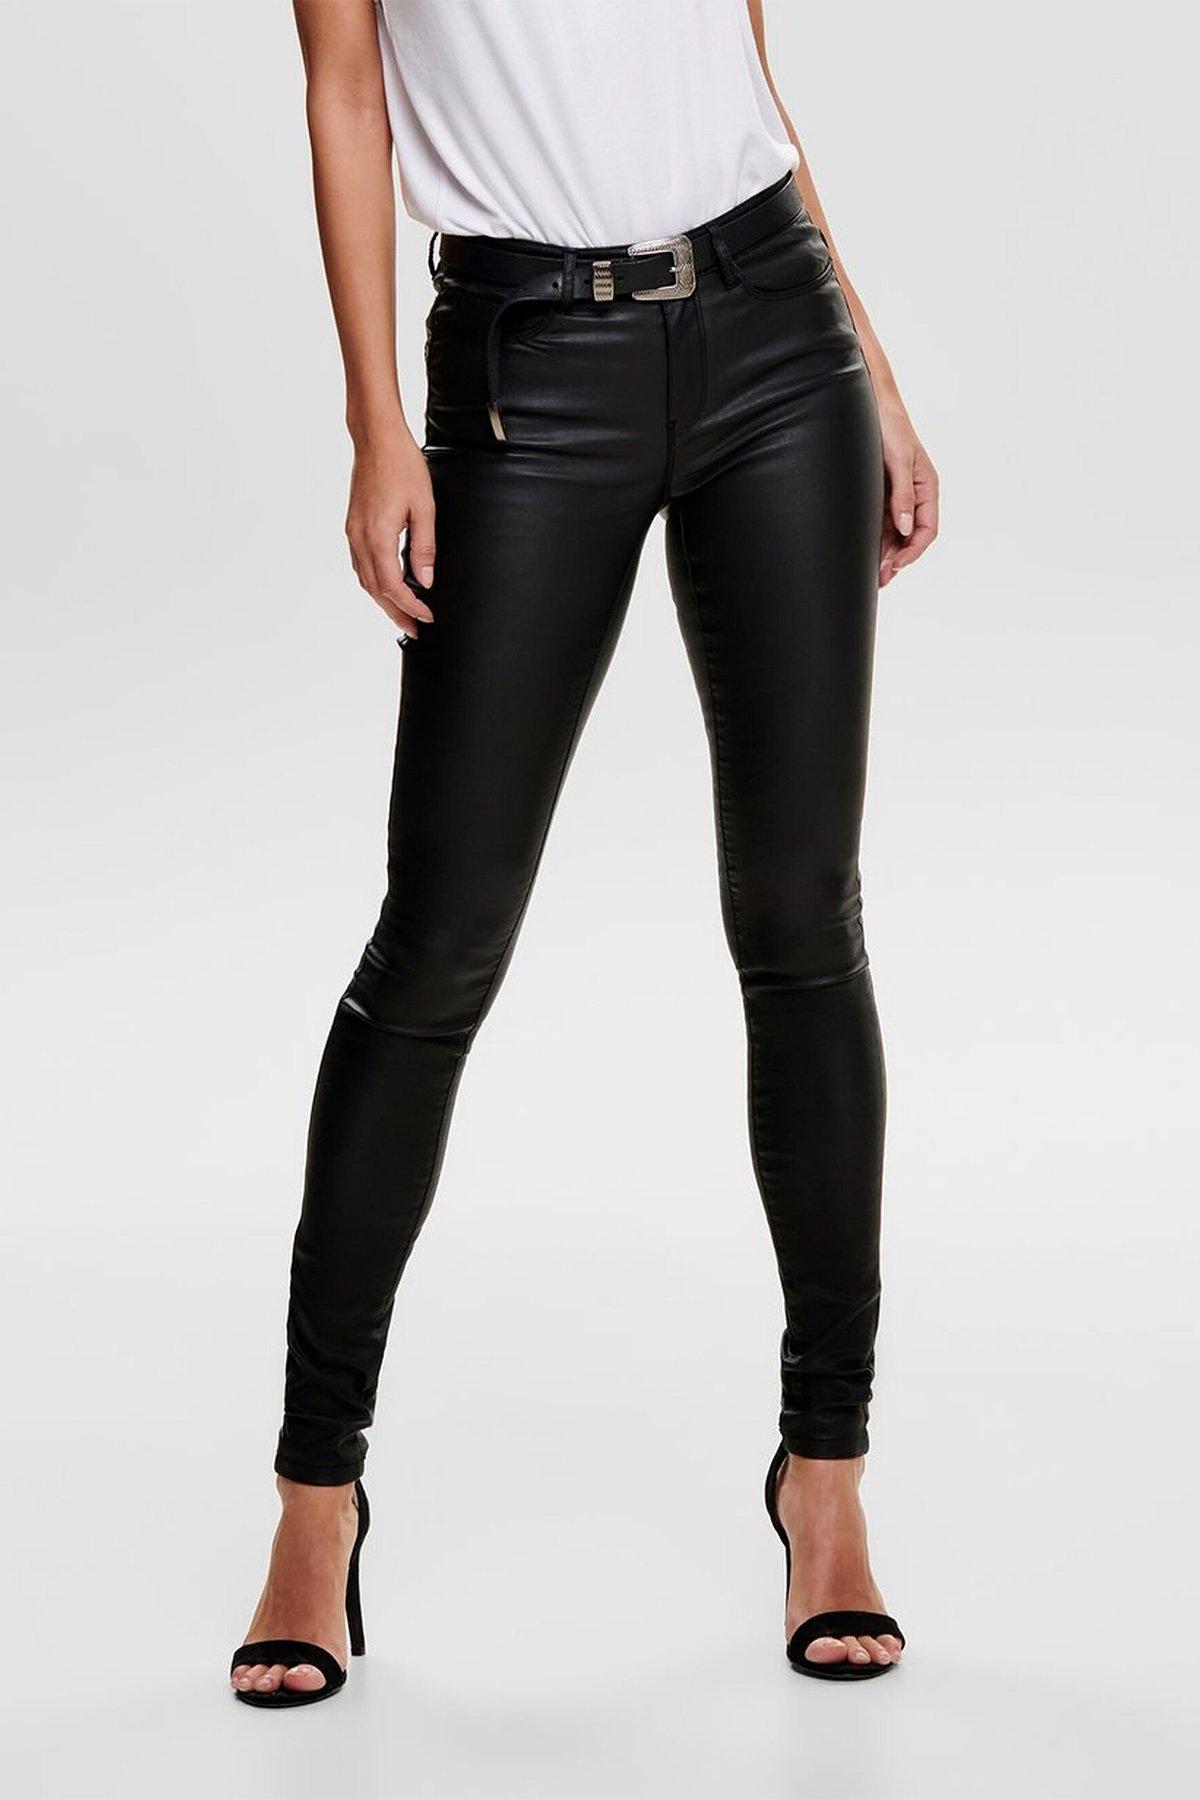 https://resim.oddamoda.com/15151791/black/only-onlanne-kaplama-pantolon-15151791-52060-6190.jpg